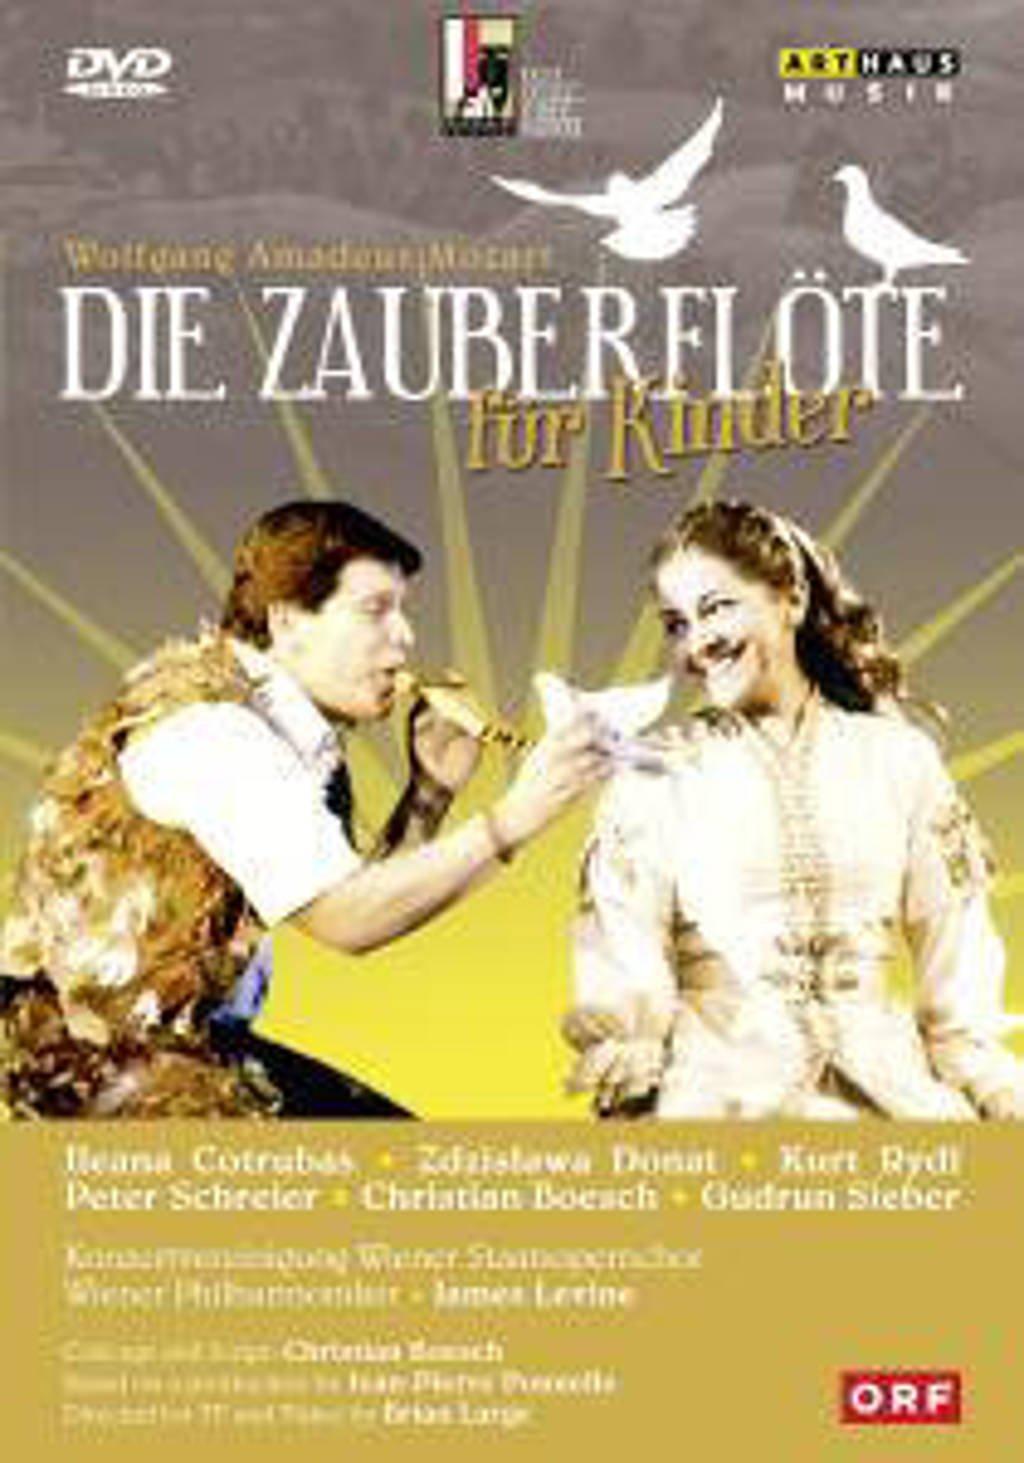 Rydl,Schreier,Donat,Cotrubas,Moser - Die Zauberflote Fur Kinder Salzburg (DVD)